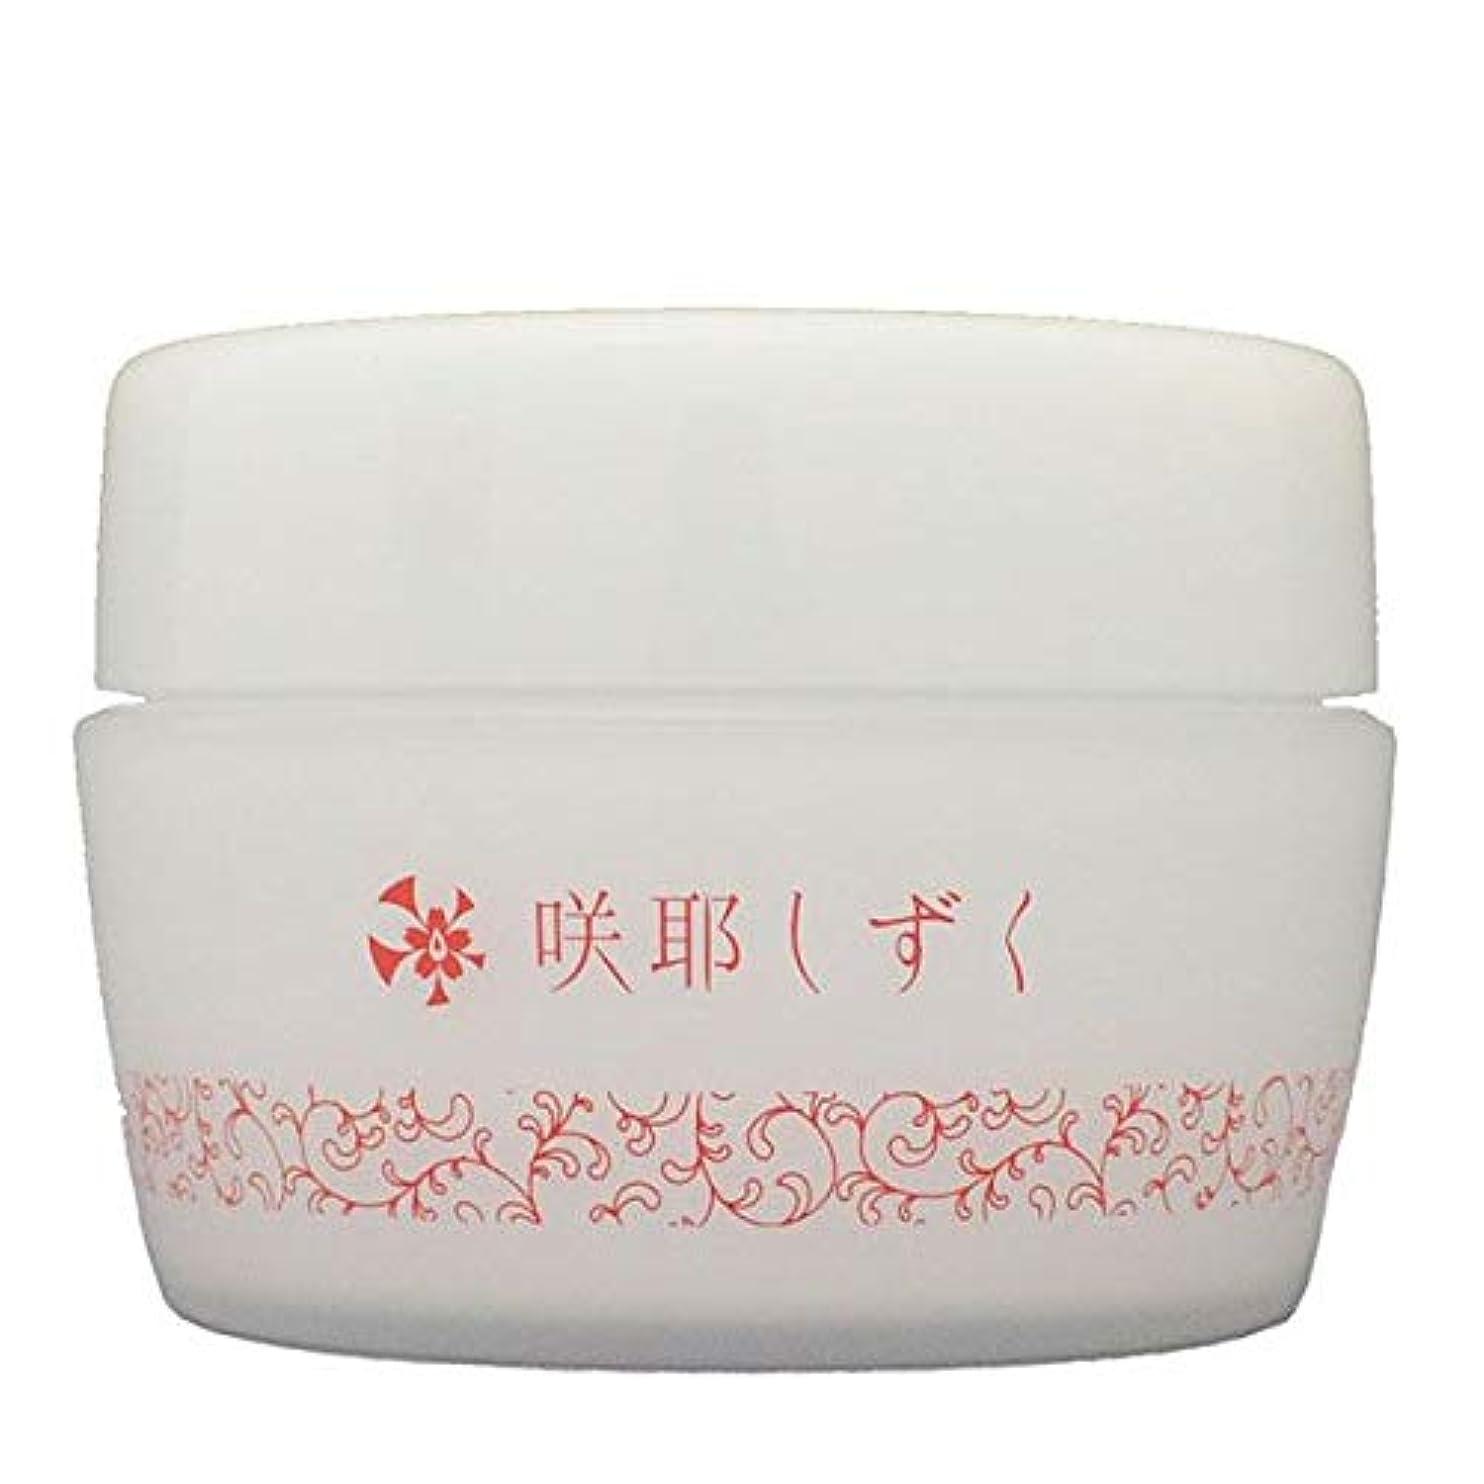 運搬古風なコーナー咲耶しずく クリーム 乾燥肌 さくやしずく 敏感肌 エムズジャパン M's Japan ms-sge01